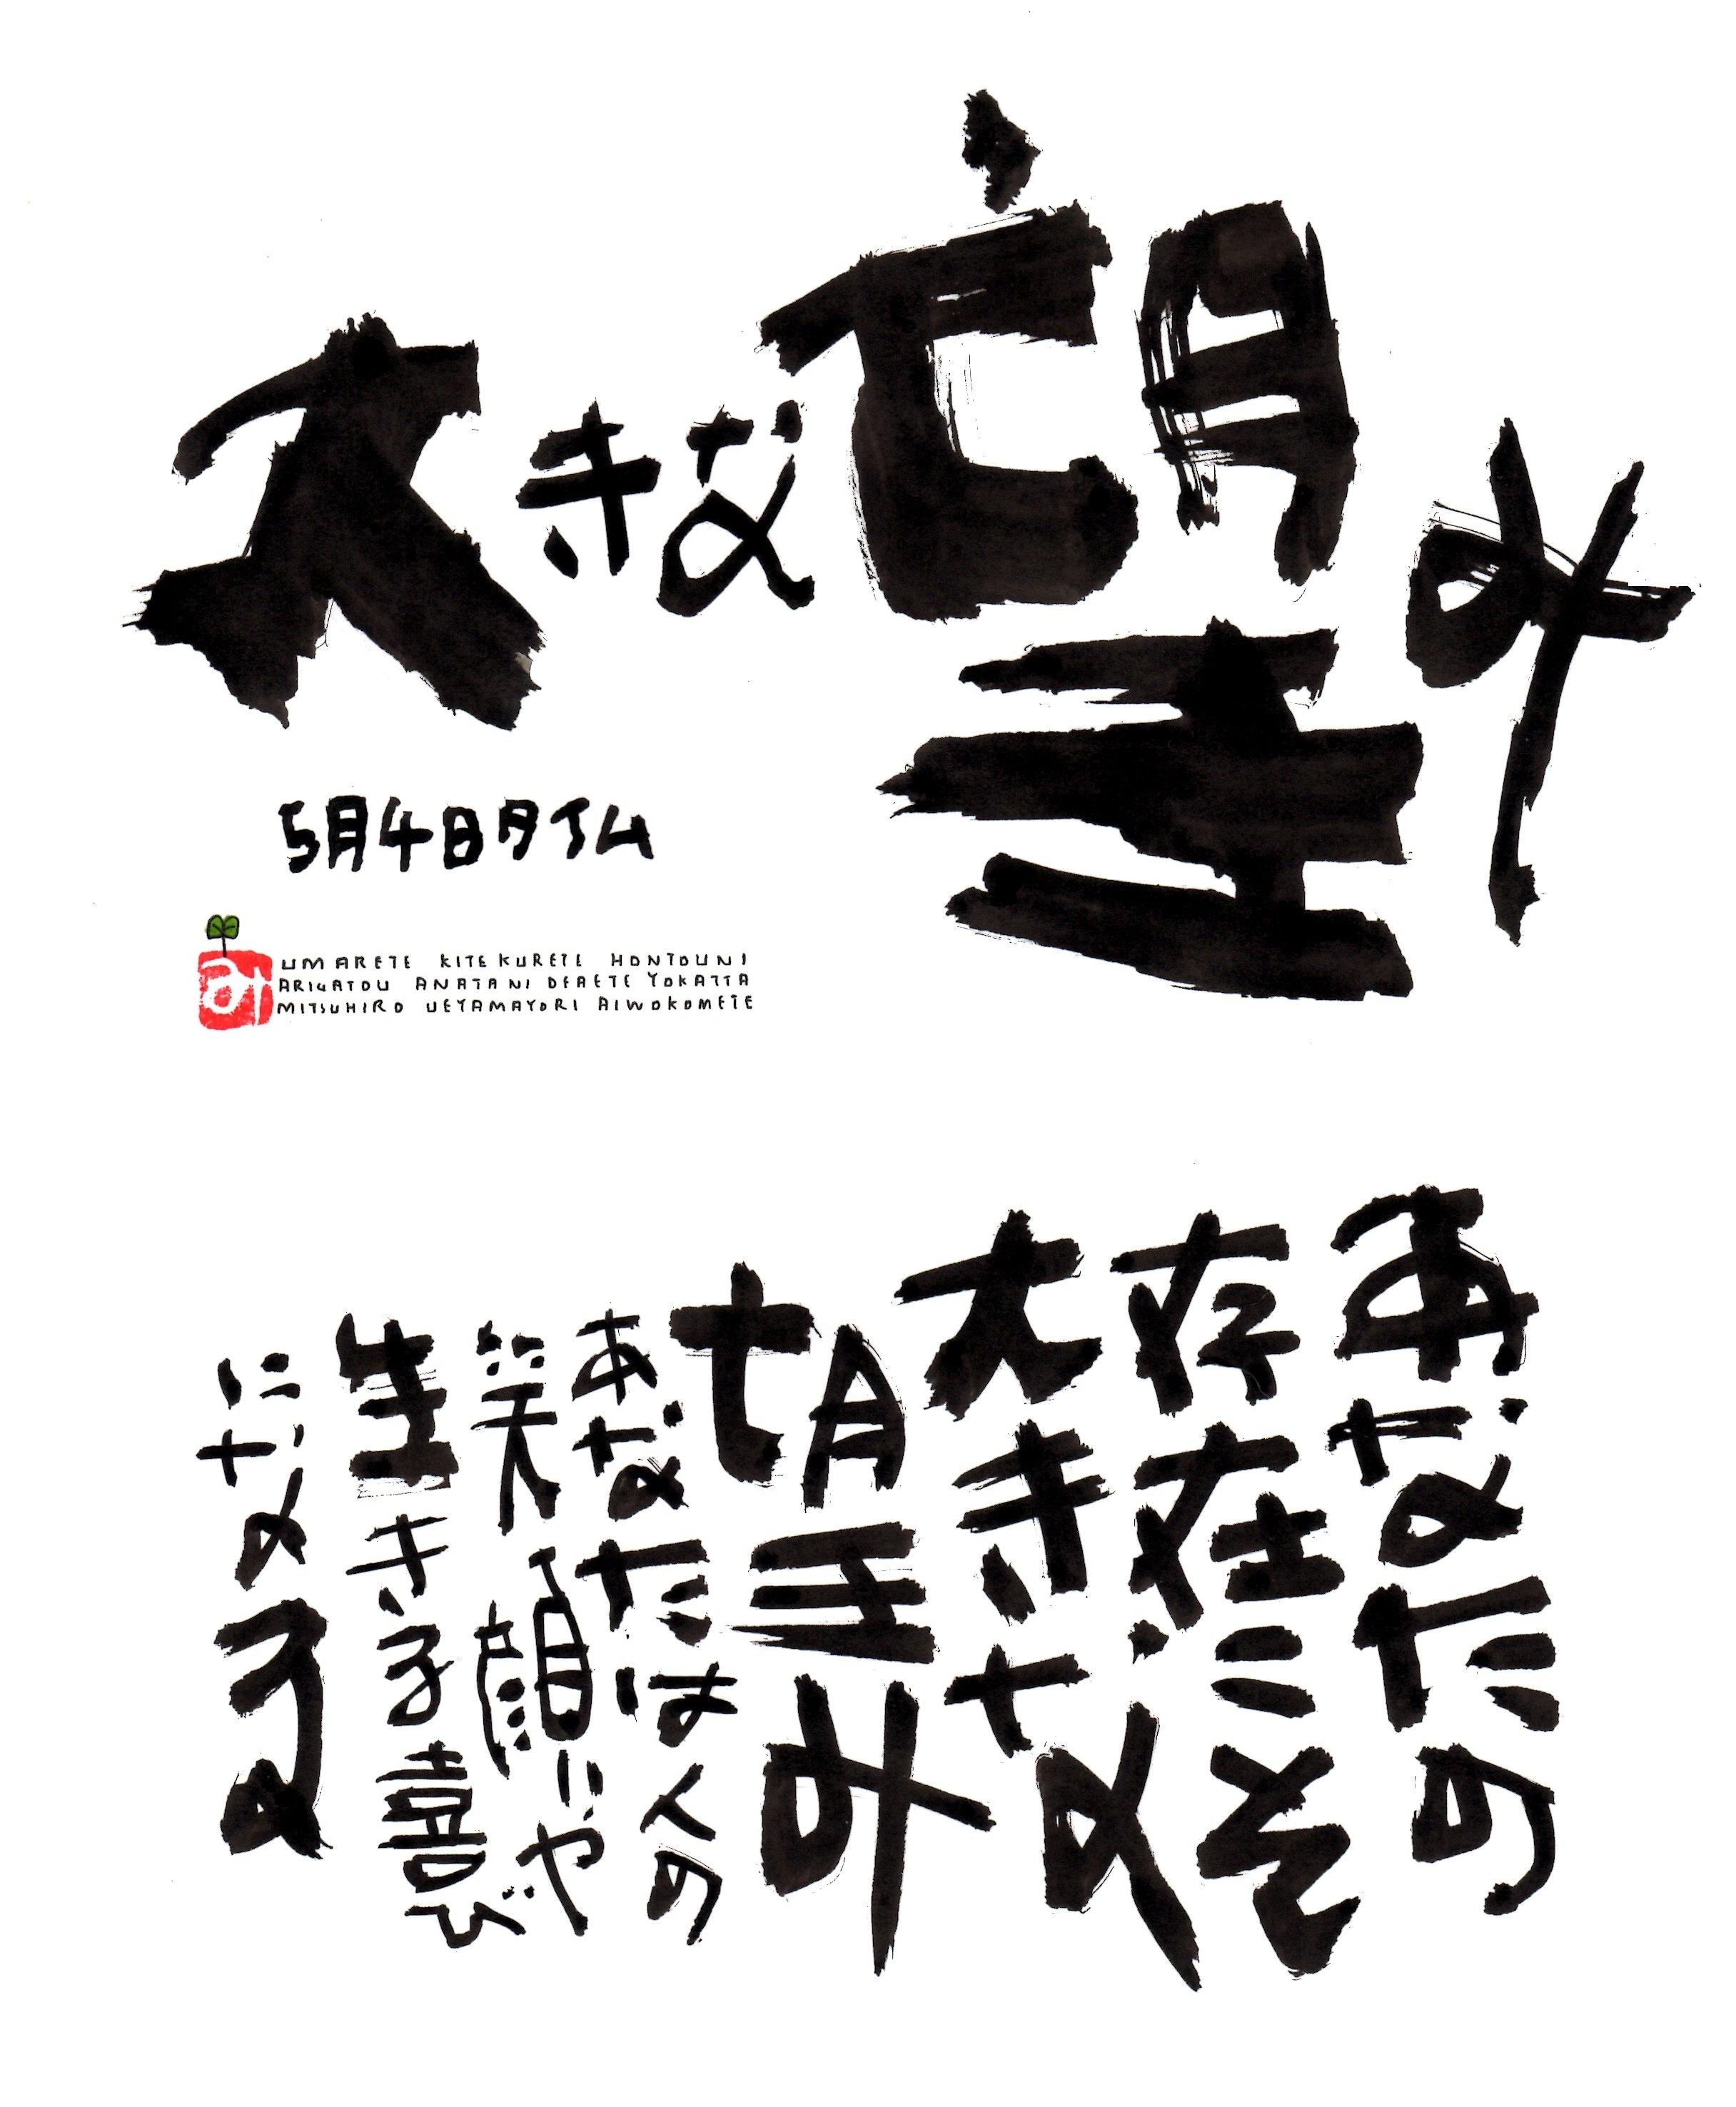 5月4日 誕生日ポストカード【大きな望み】Great hope